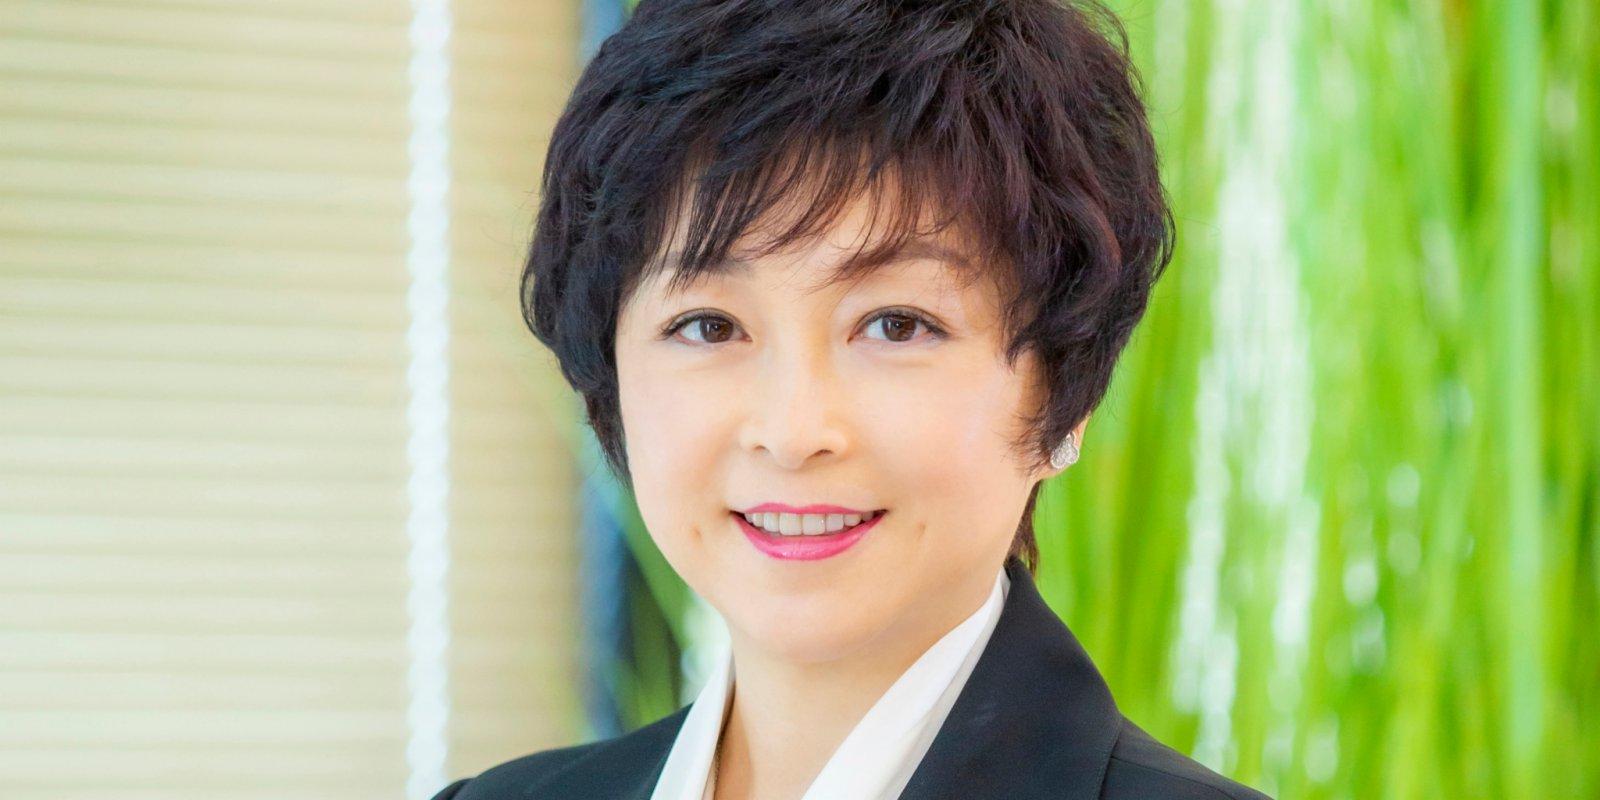 全國兩會|孟麗紅:應盡快完善制度漏洞 讓香港融入灣區發展